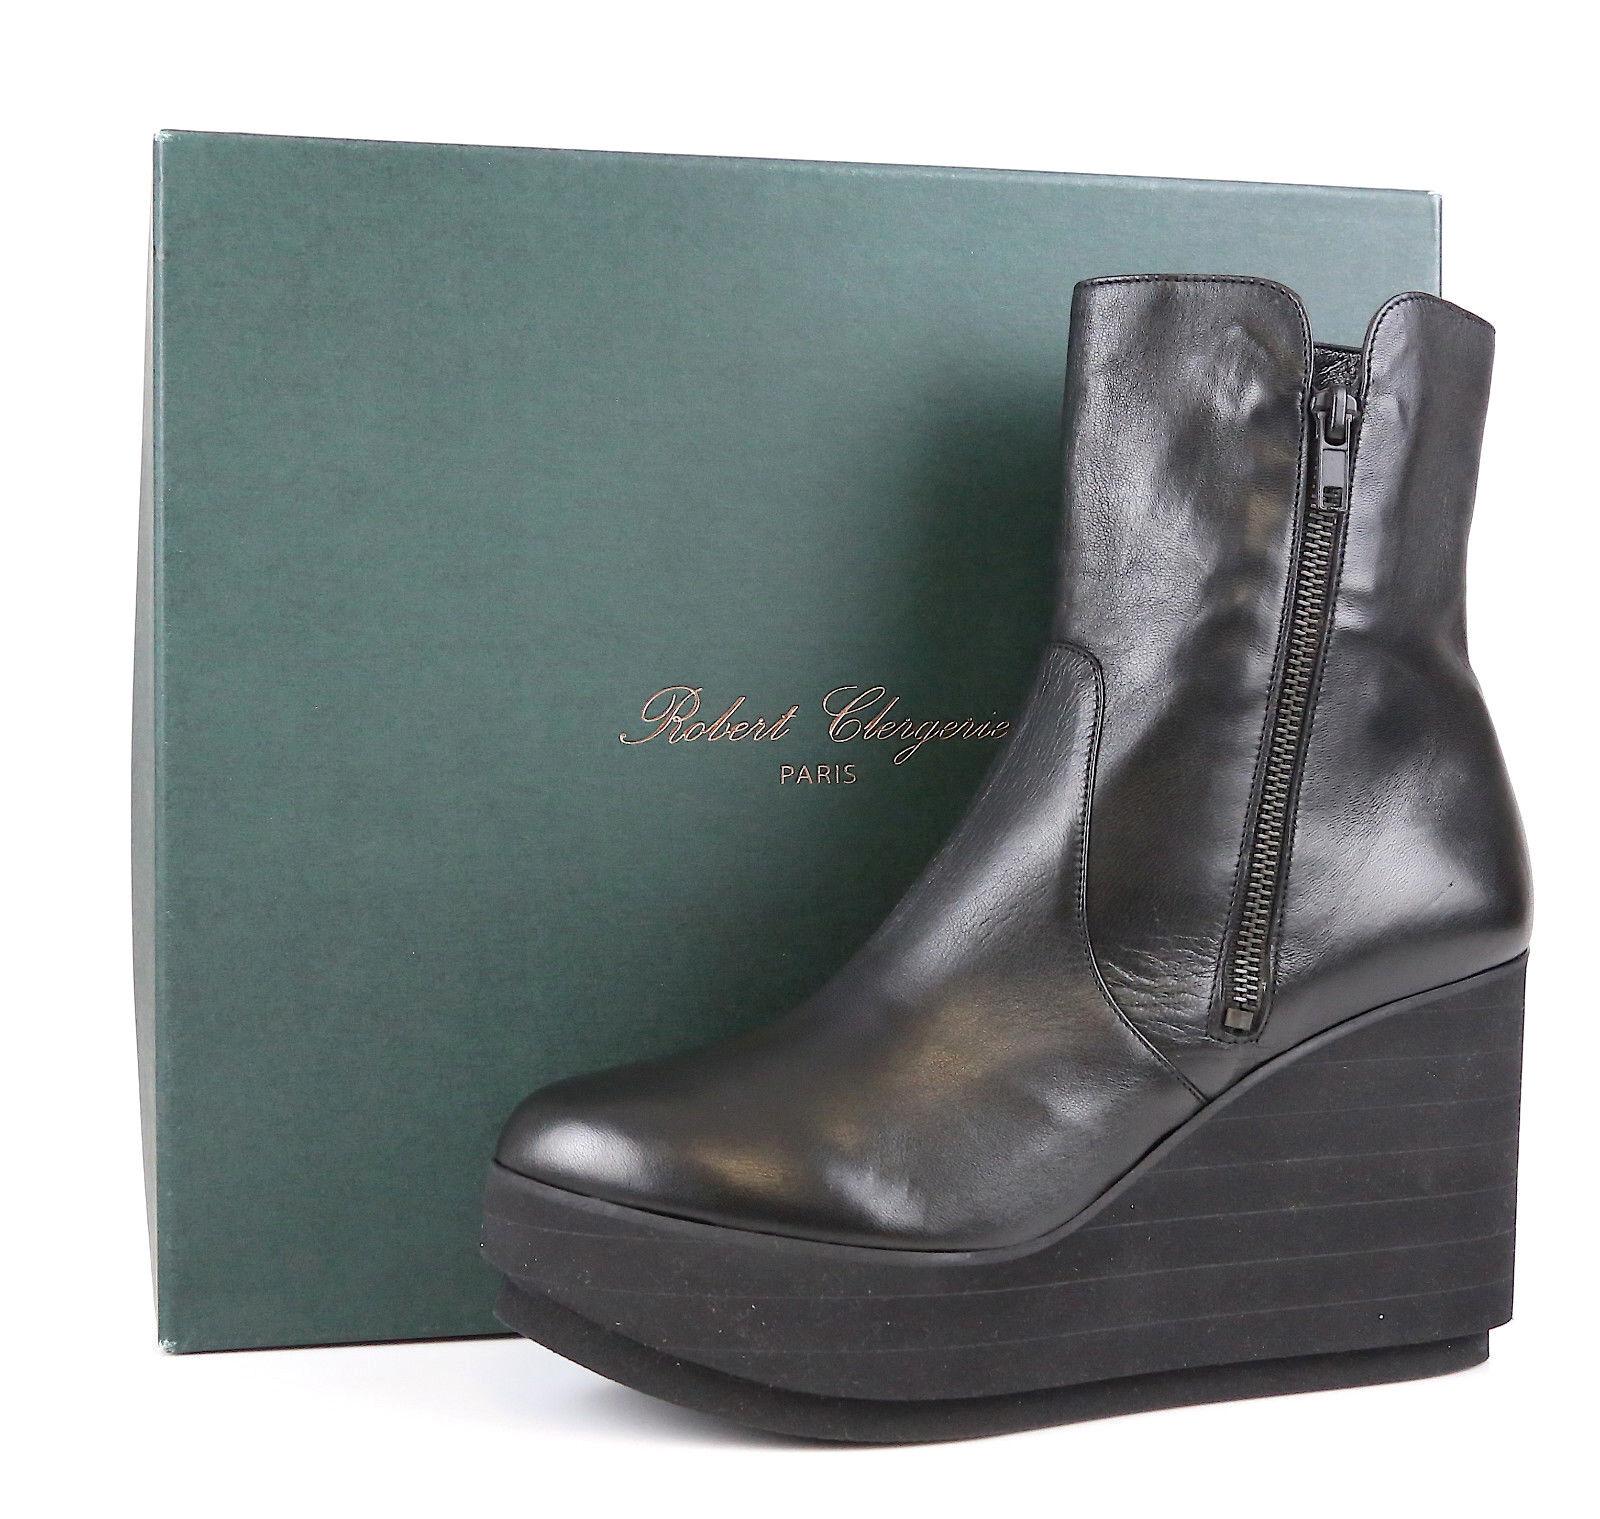 Robert Clergerie Charta 1163 Negro Cuero Cuña Plataforma botas botas botas al Tobillo Talla 10  para proporcionarle una compra en línea agradable